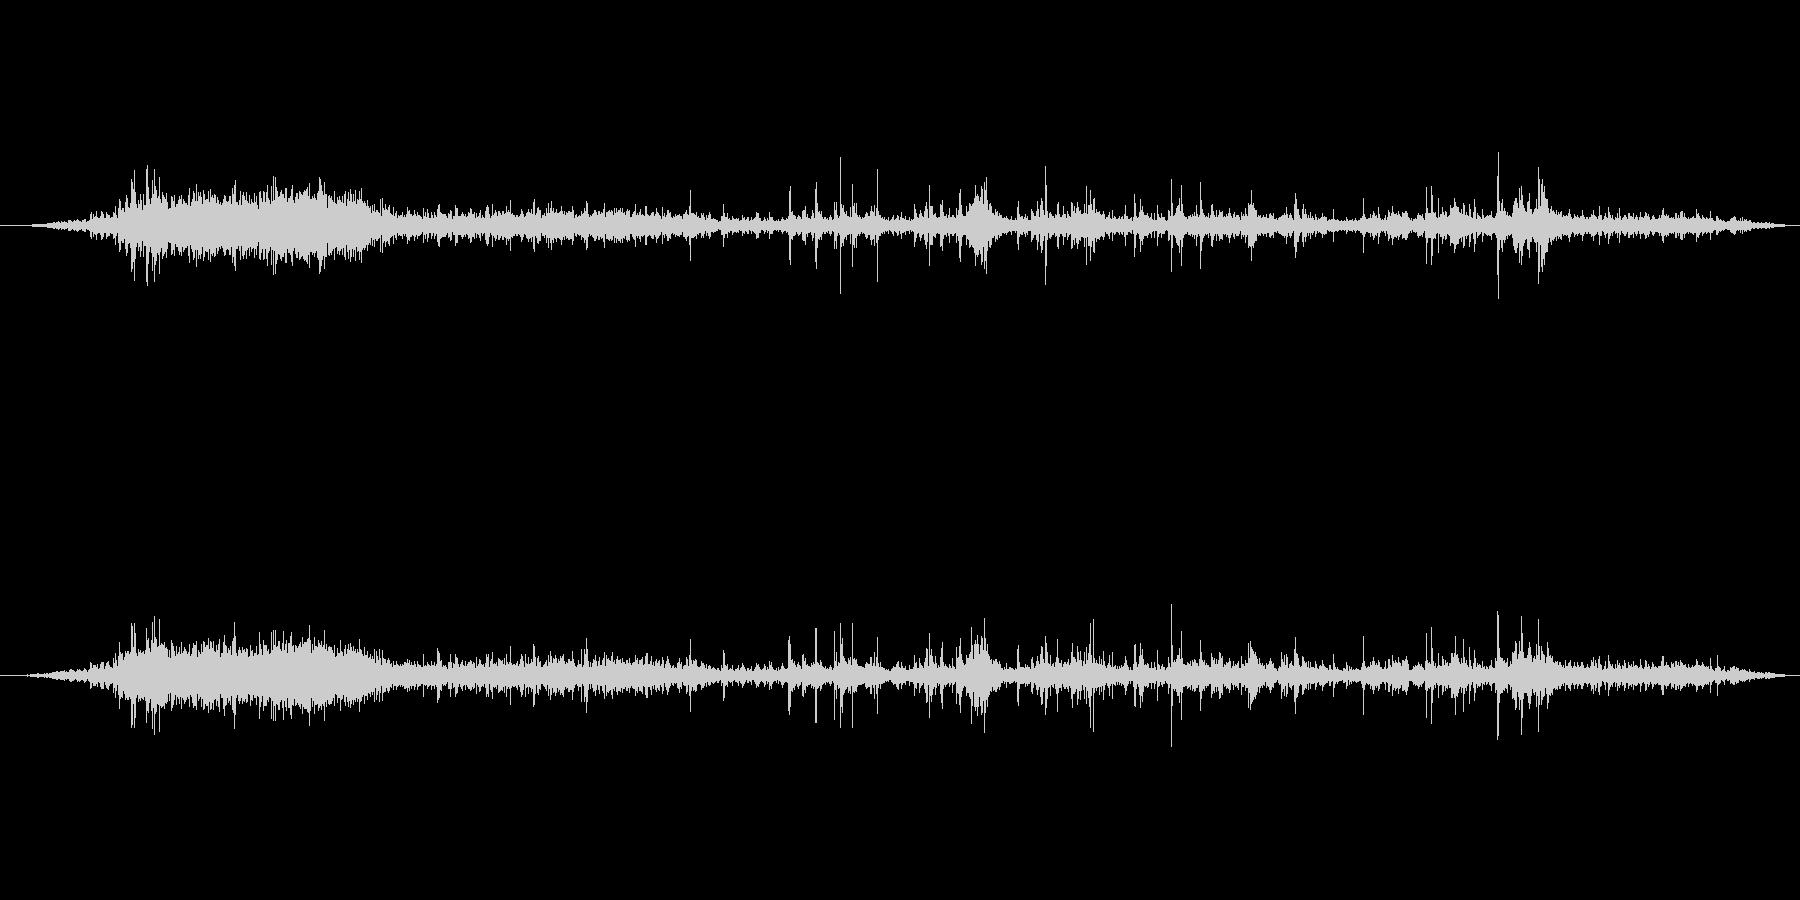 水 シンクミディアムフローウォッシュ01の未再生の波形